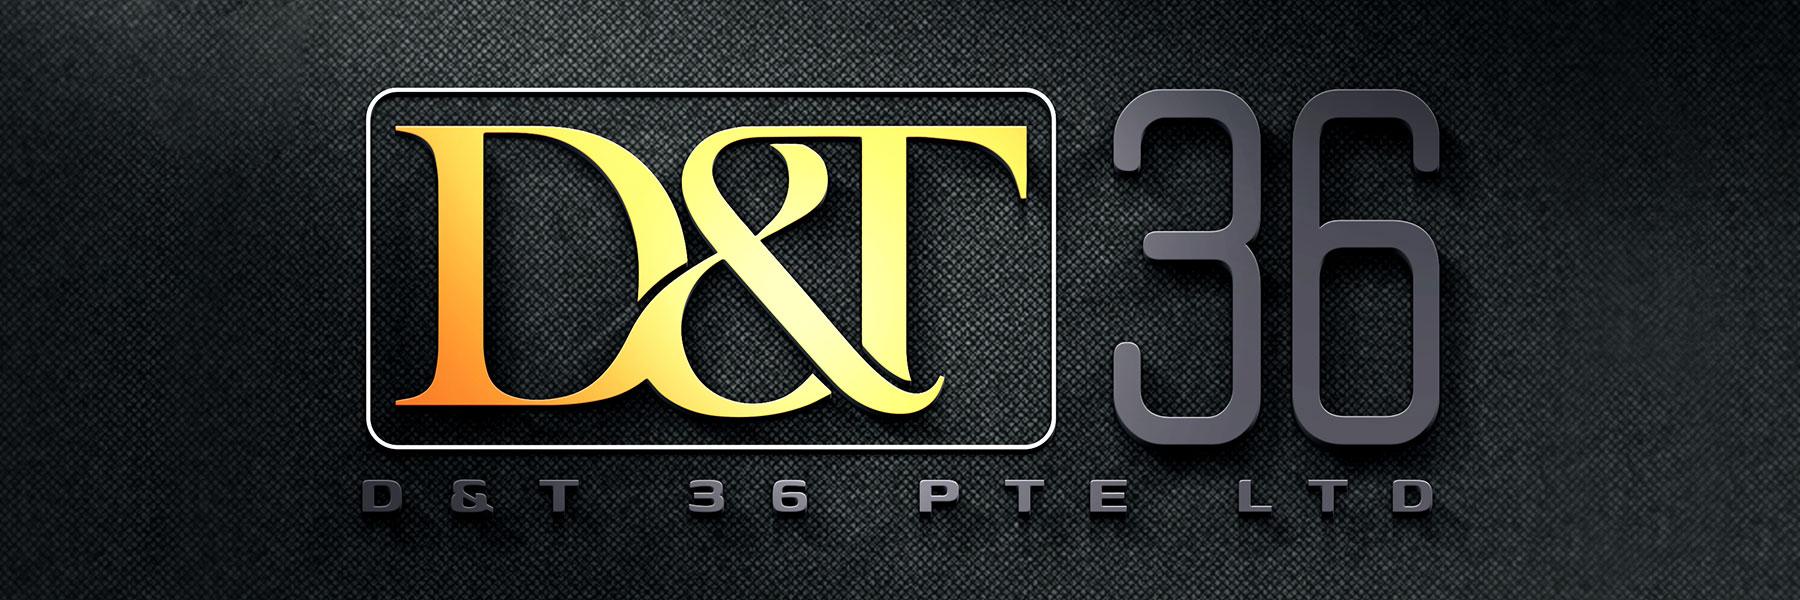 D&T 36